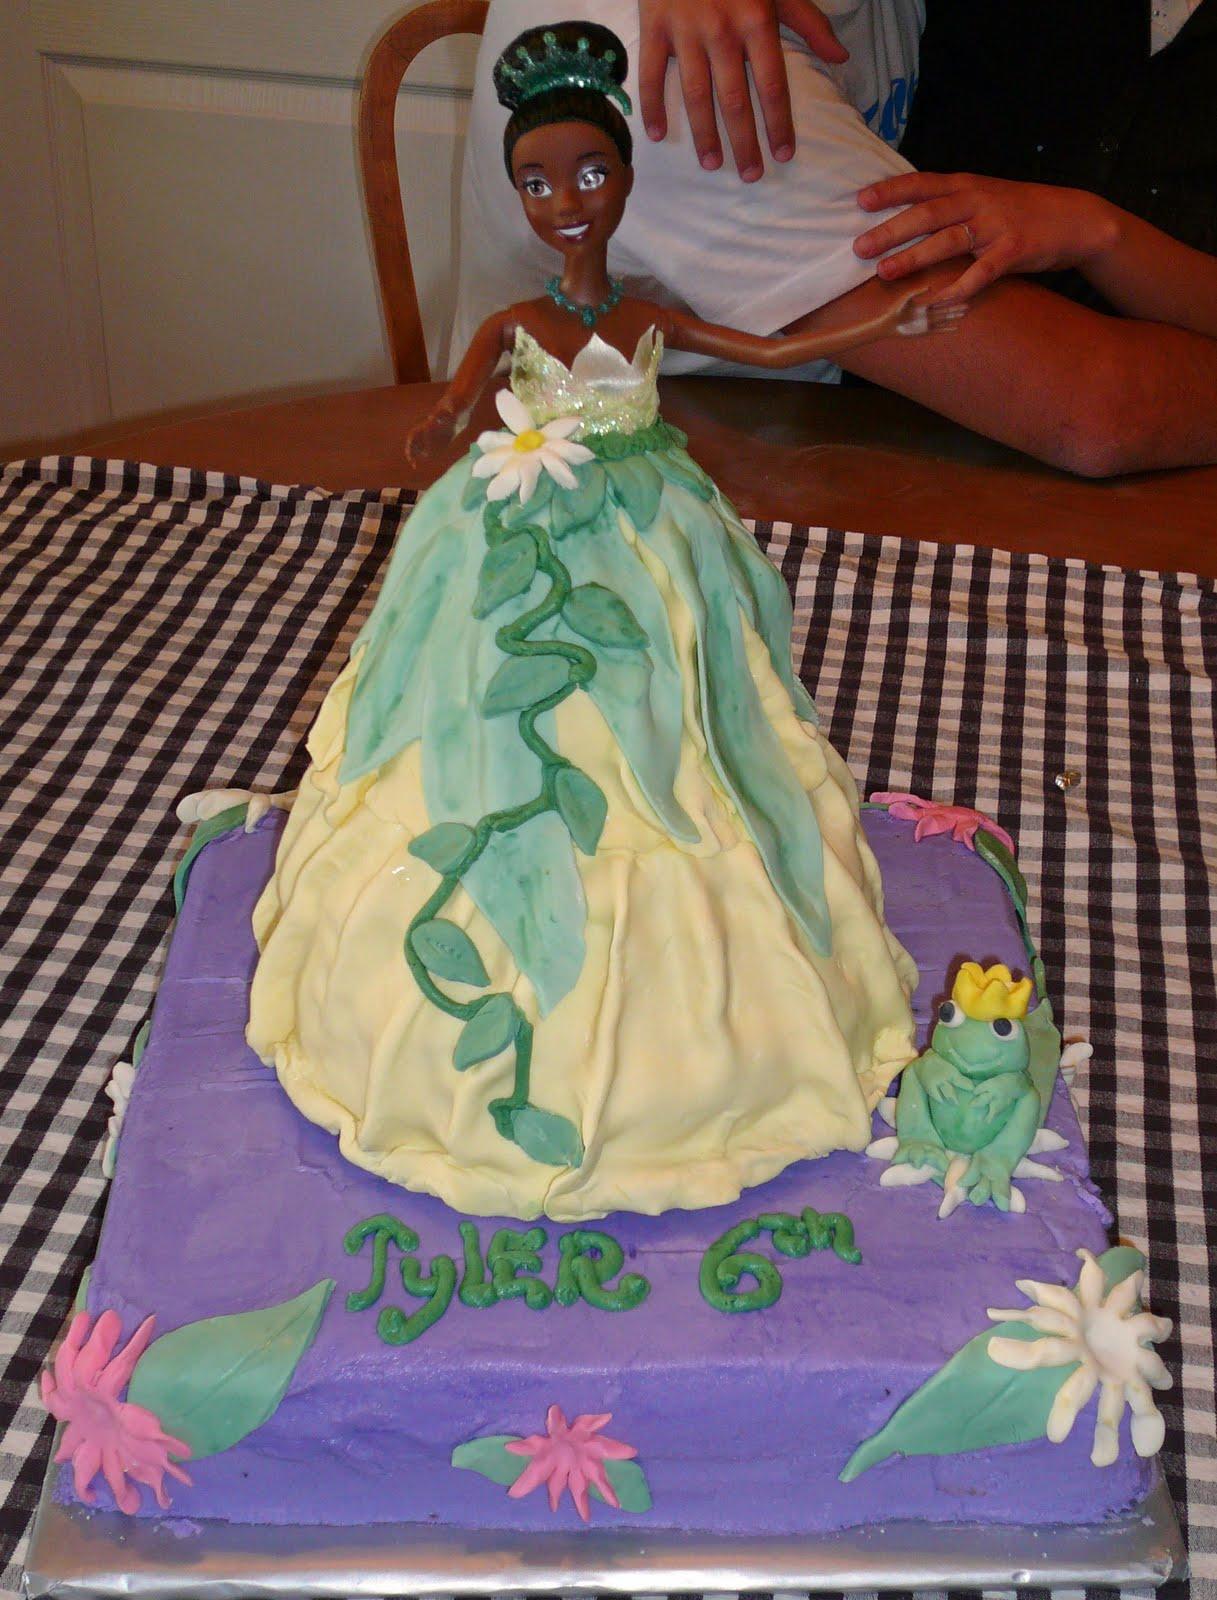 Princess Tiana Cake Images : yummyprettycakes: princess Tiana cake